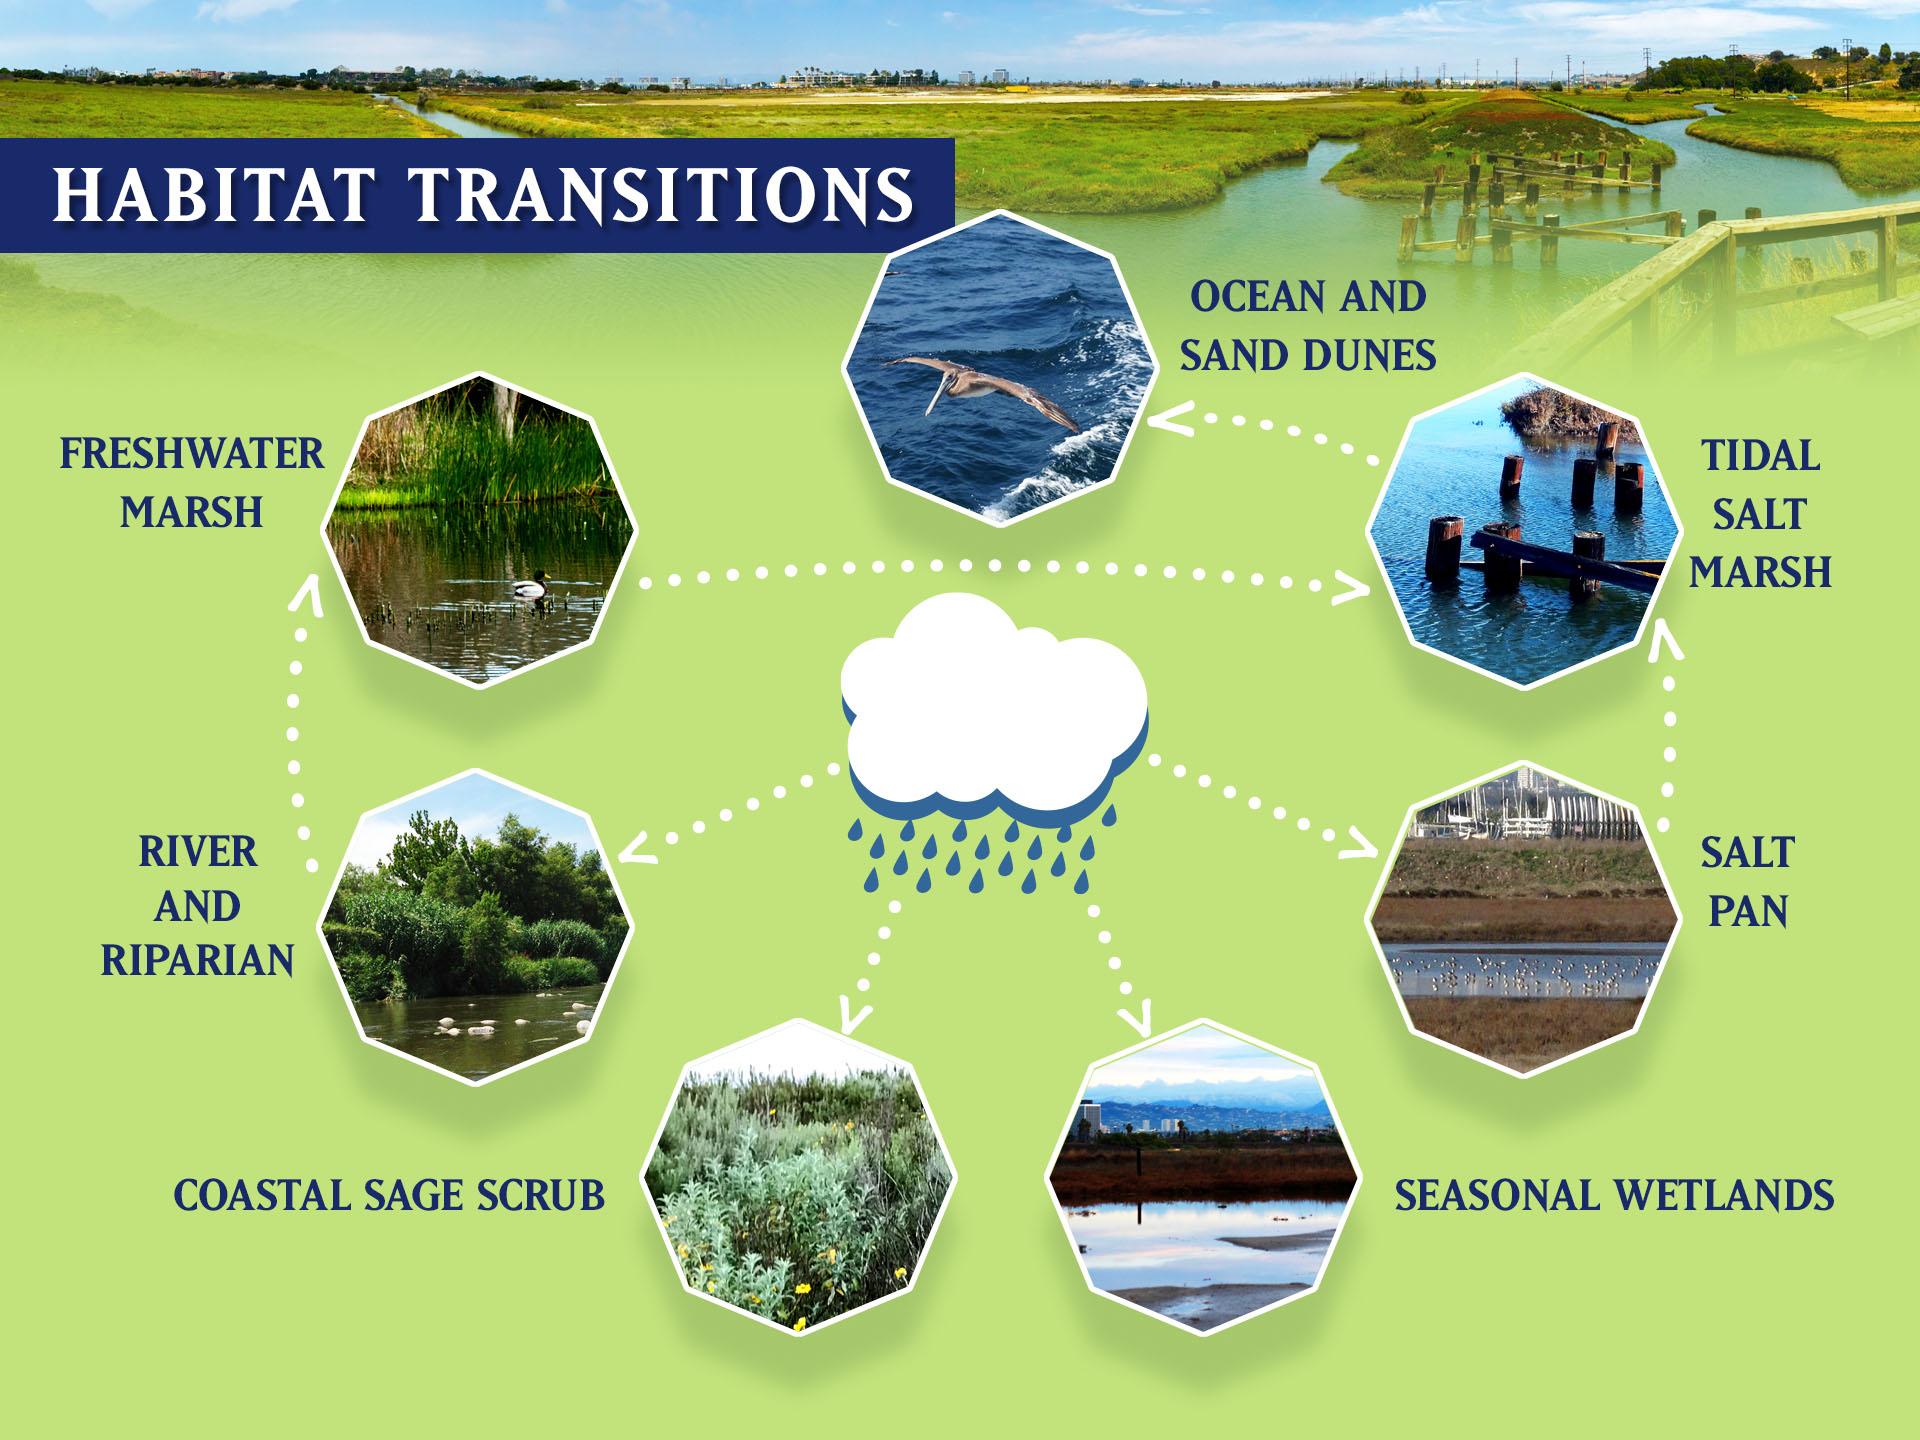 Habitat Transitions Diagram